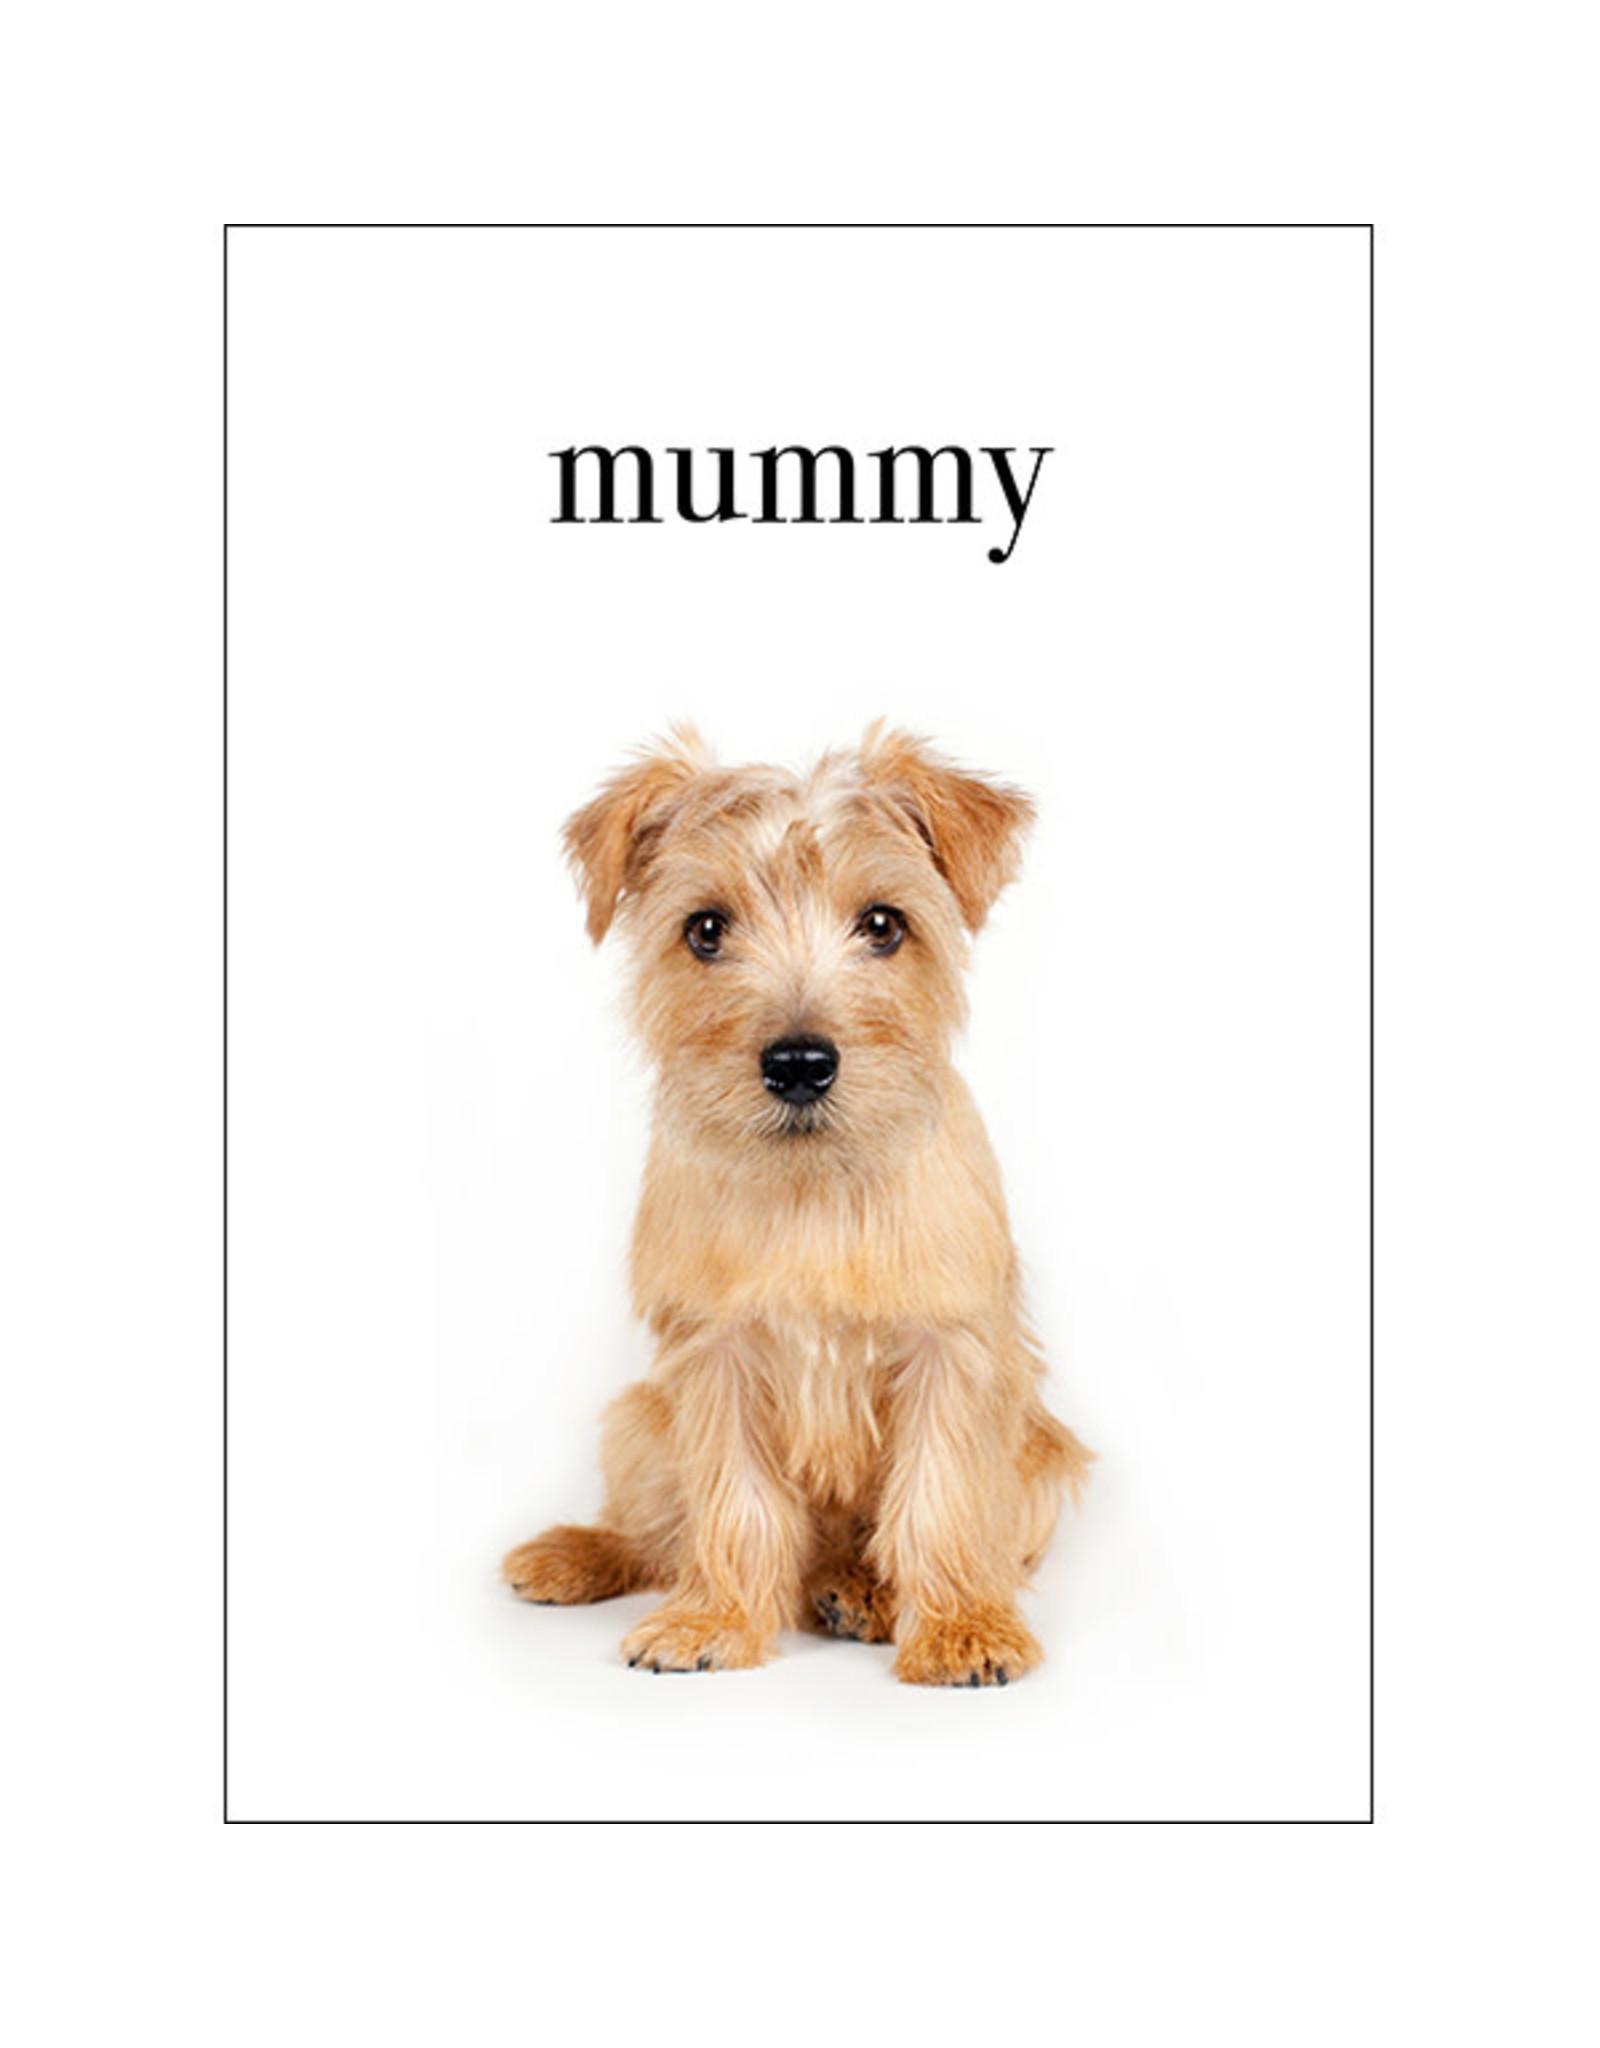 Affirmations Publishing House Mummy, I love You Animal Greeting Card